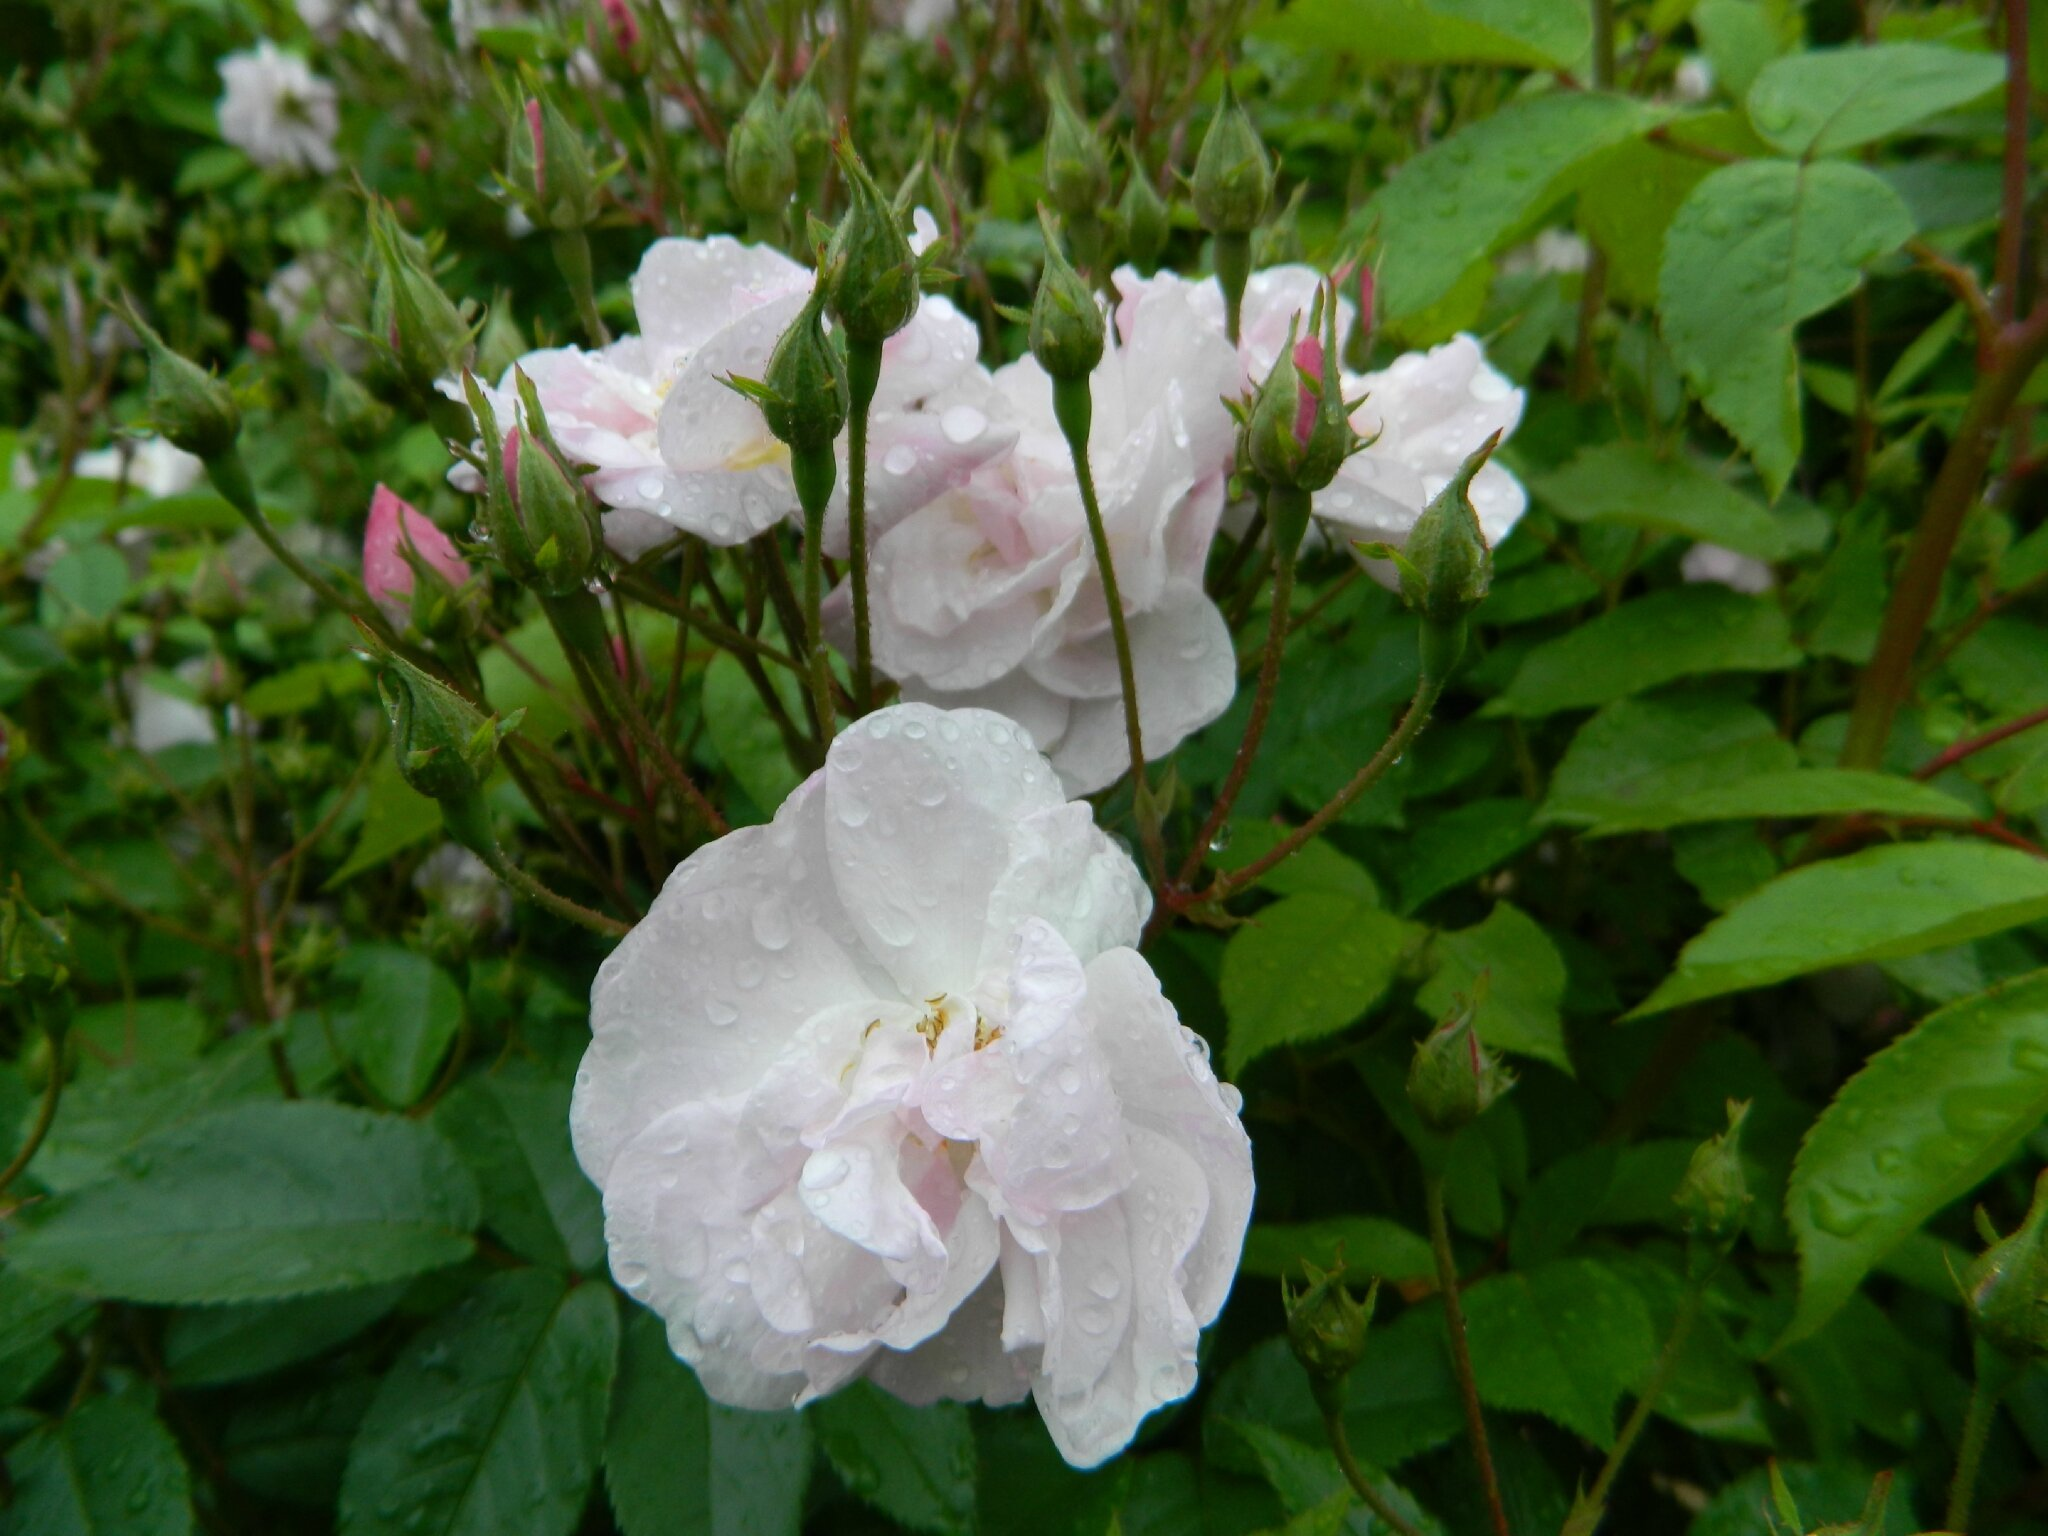 La cl ture de rosiers le jardin par passion - Rosier mange par des chenilles ...